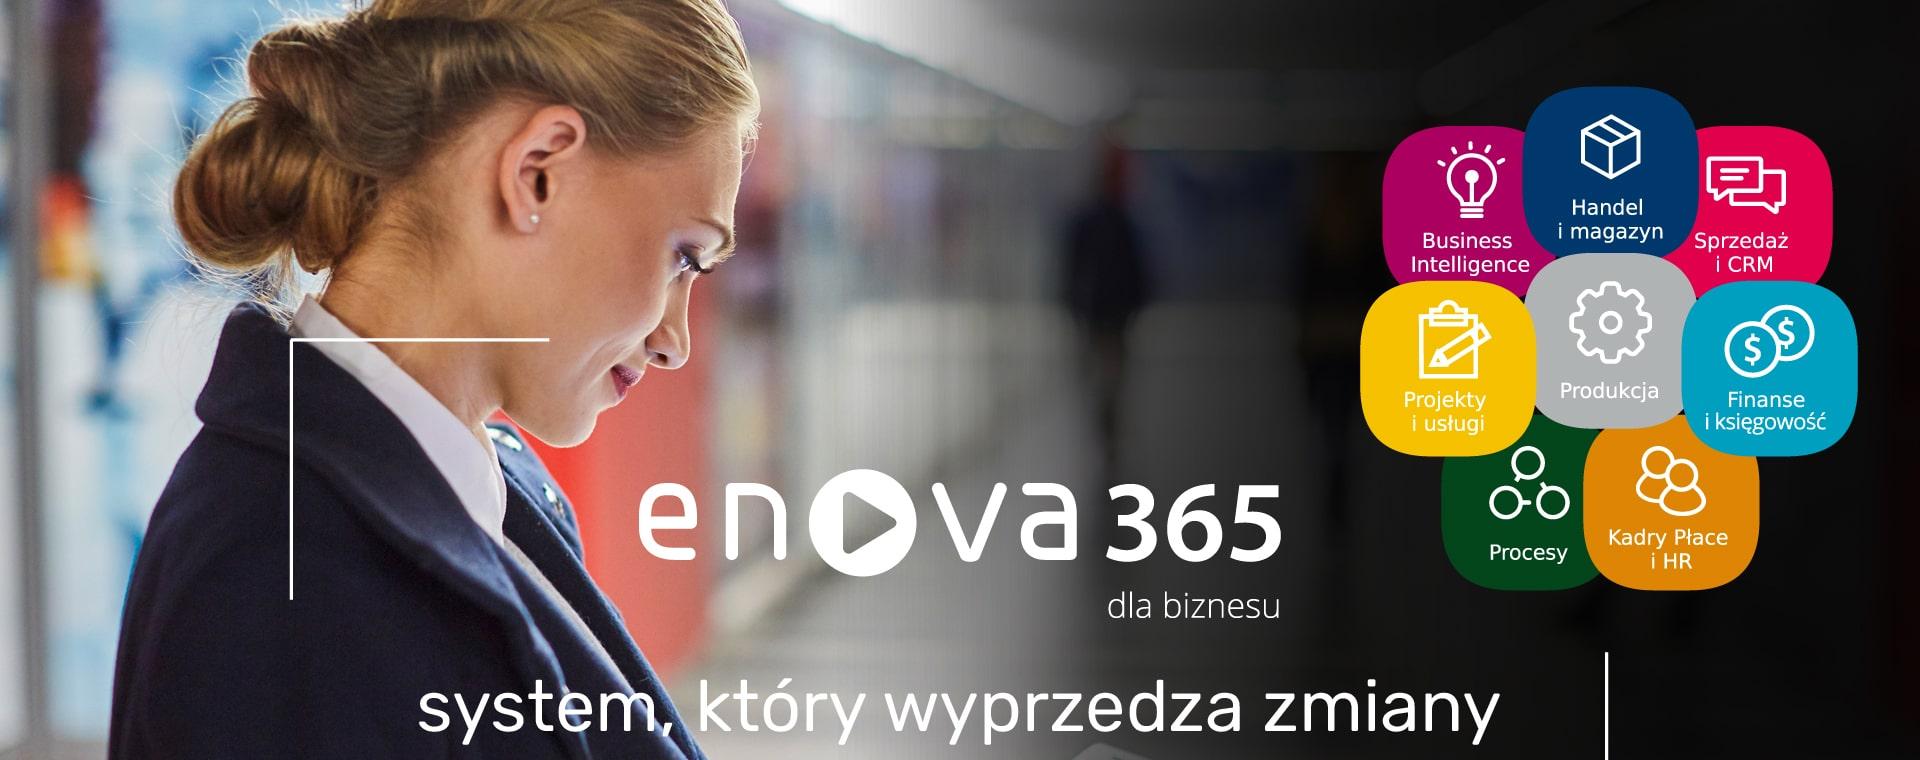 banner enova365 system, który wyprzedza zmiany